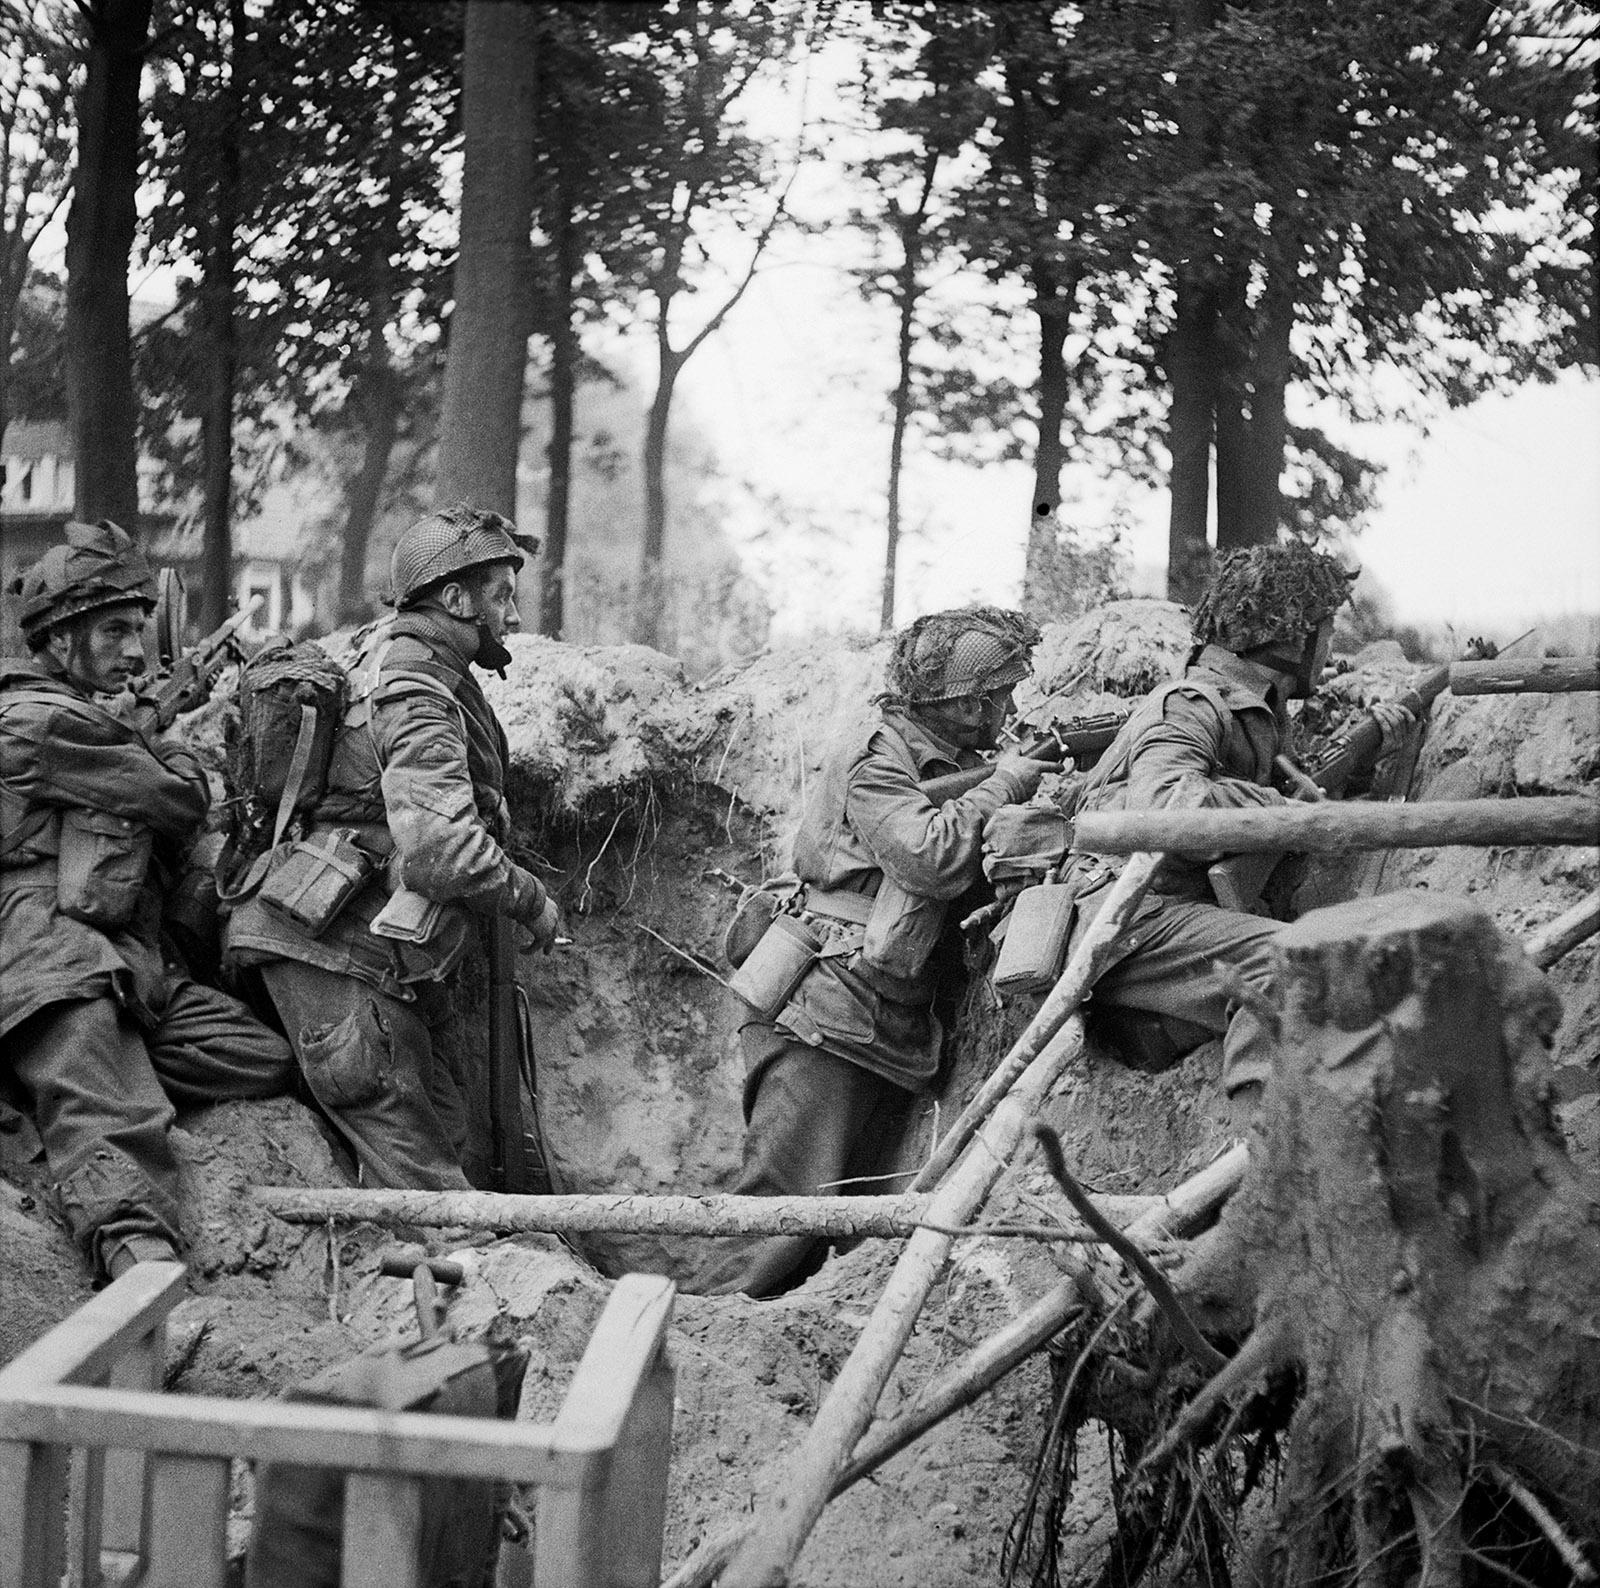 British soldiers near Arnhem, the Netherlands, 1944